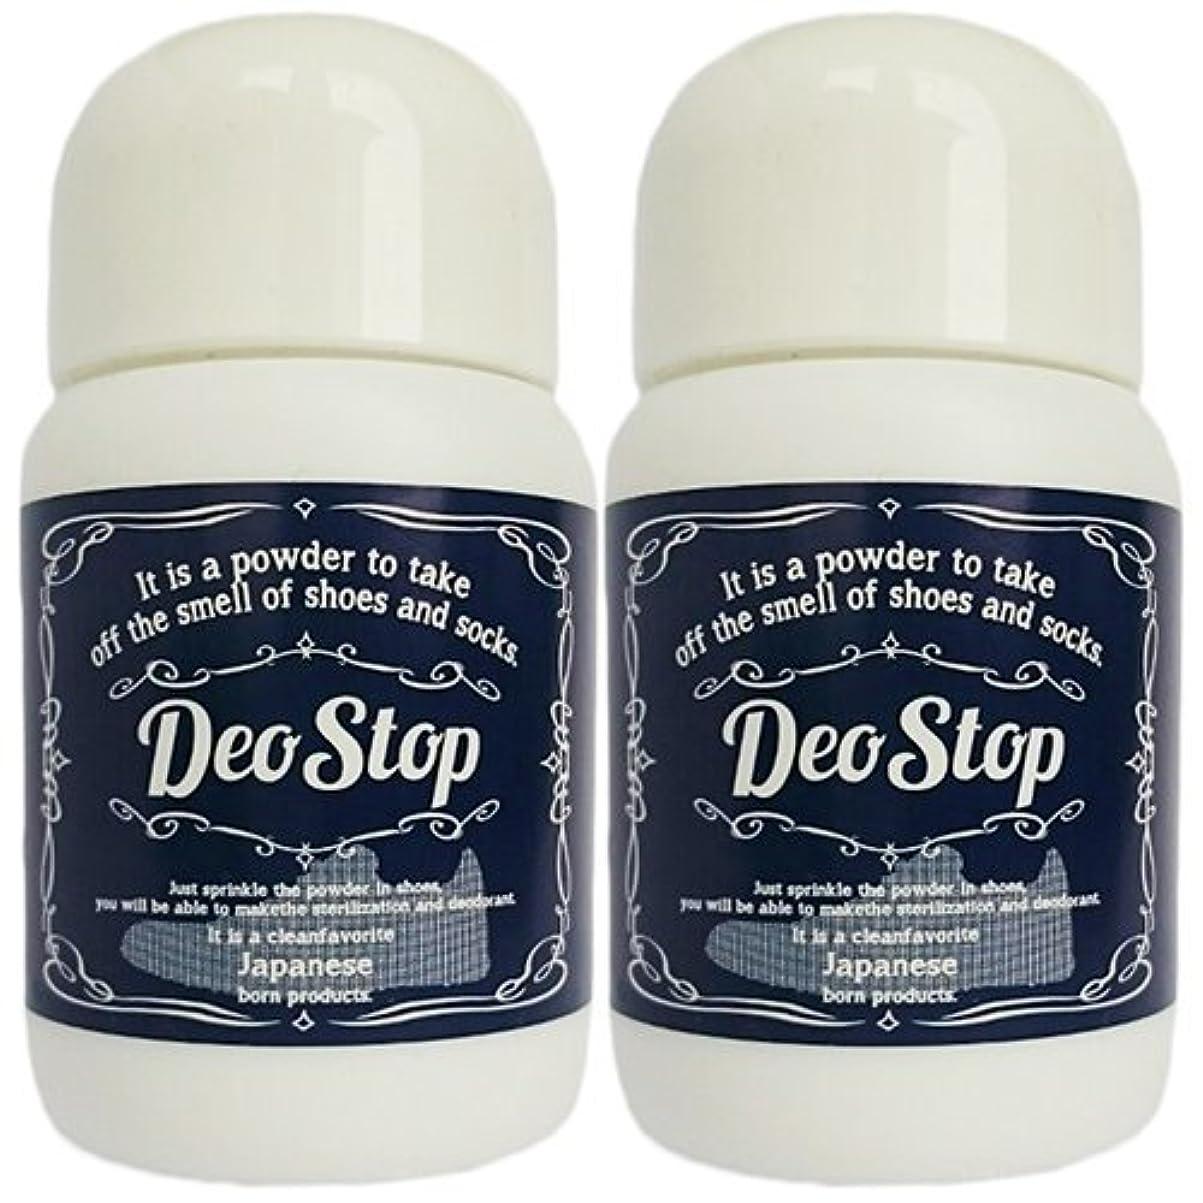 シャー悪夢アルミニウムデオストップ(DeoStop) 靴の消臭パウダー 60g×2個セット(120g) 無香料